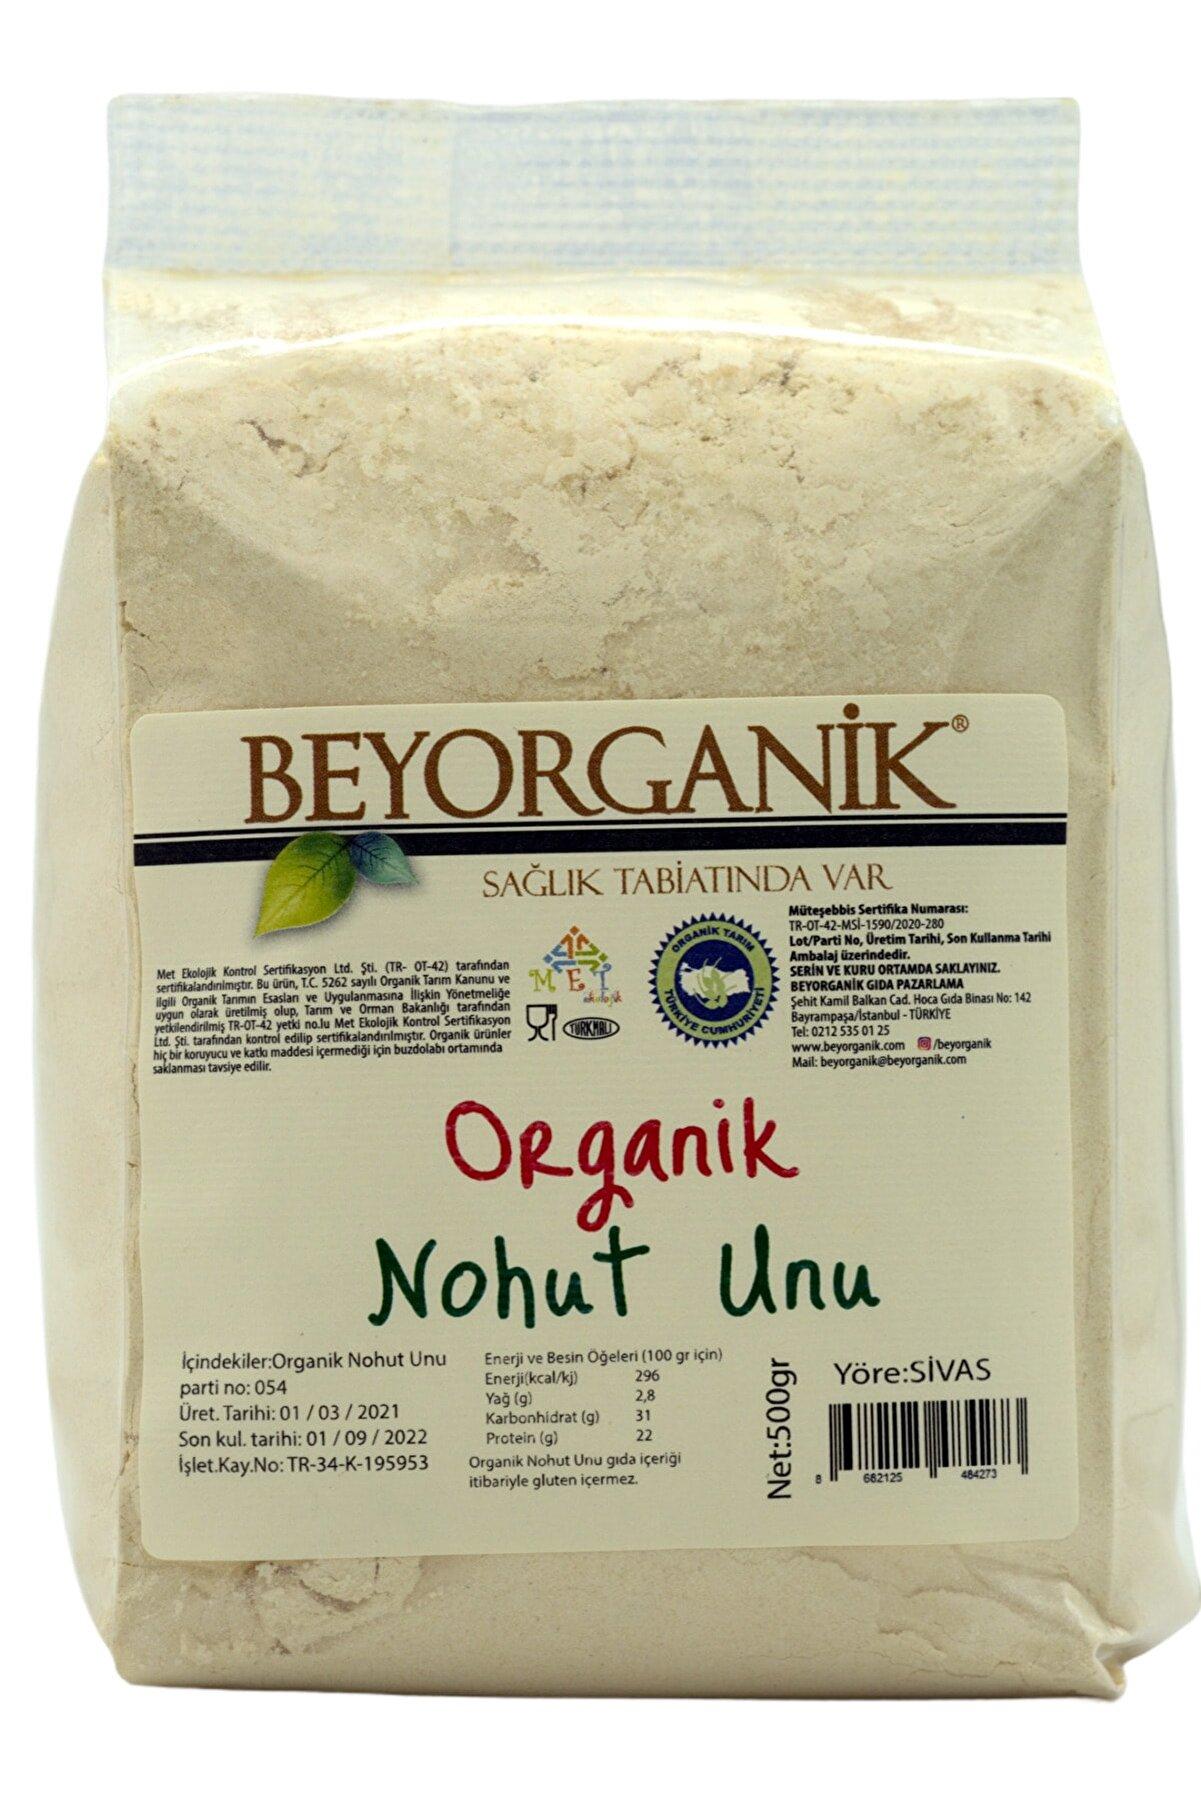 BEYORGANİK Organik Nohut Unu 500 gr